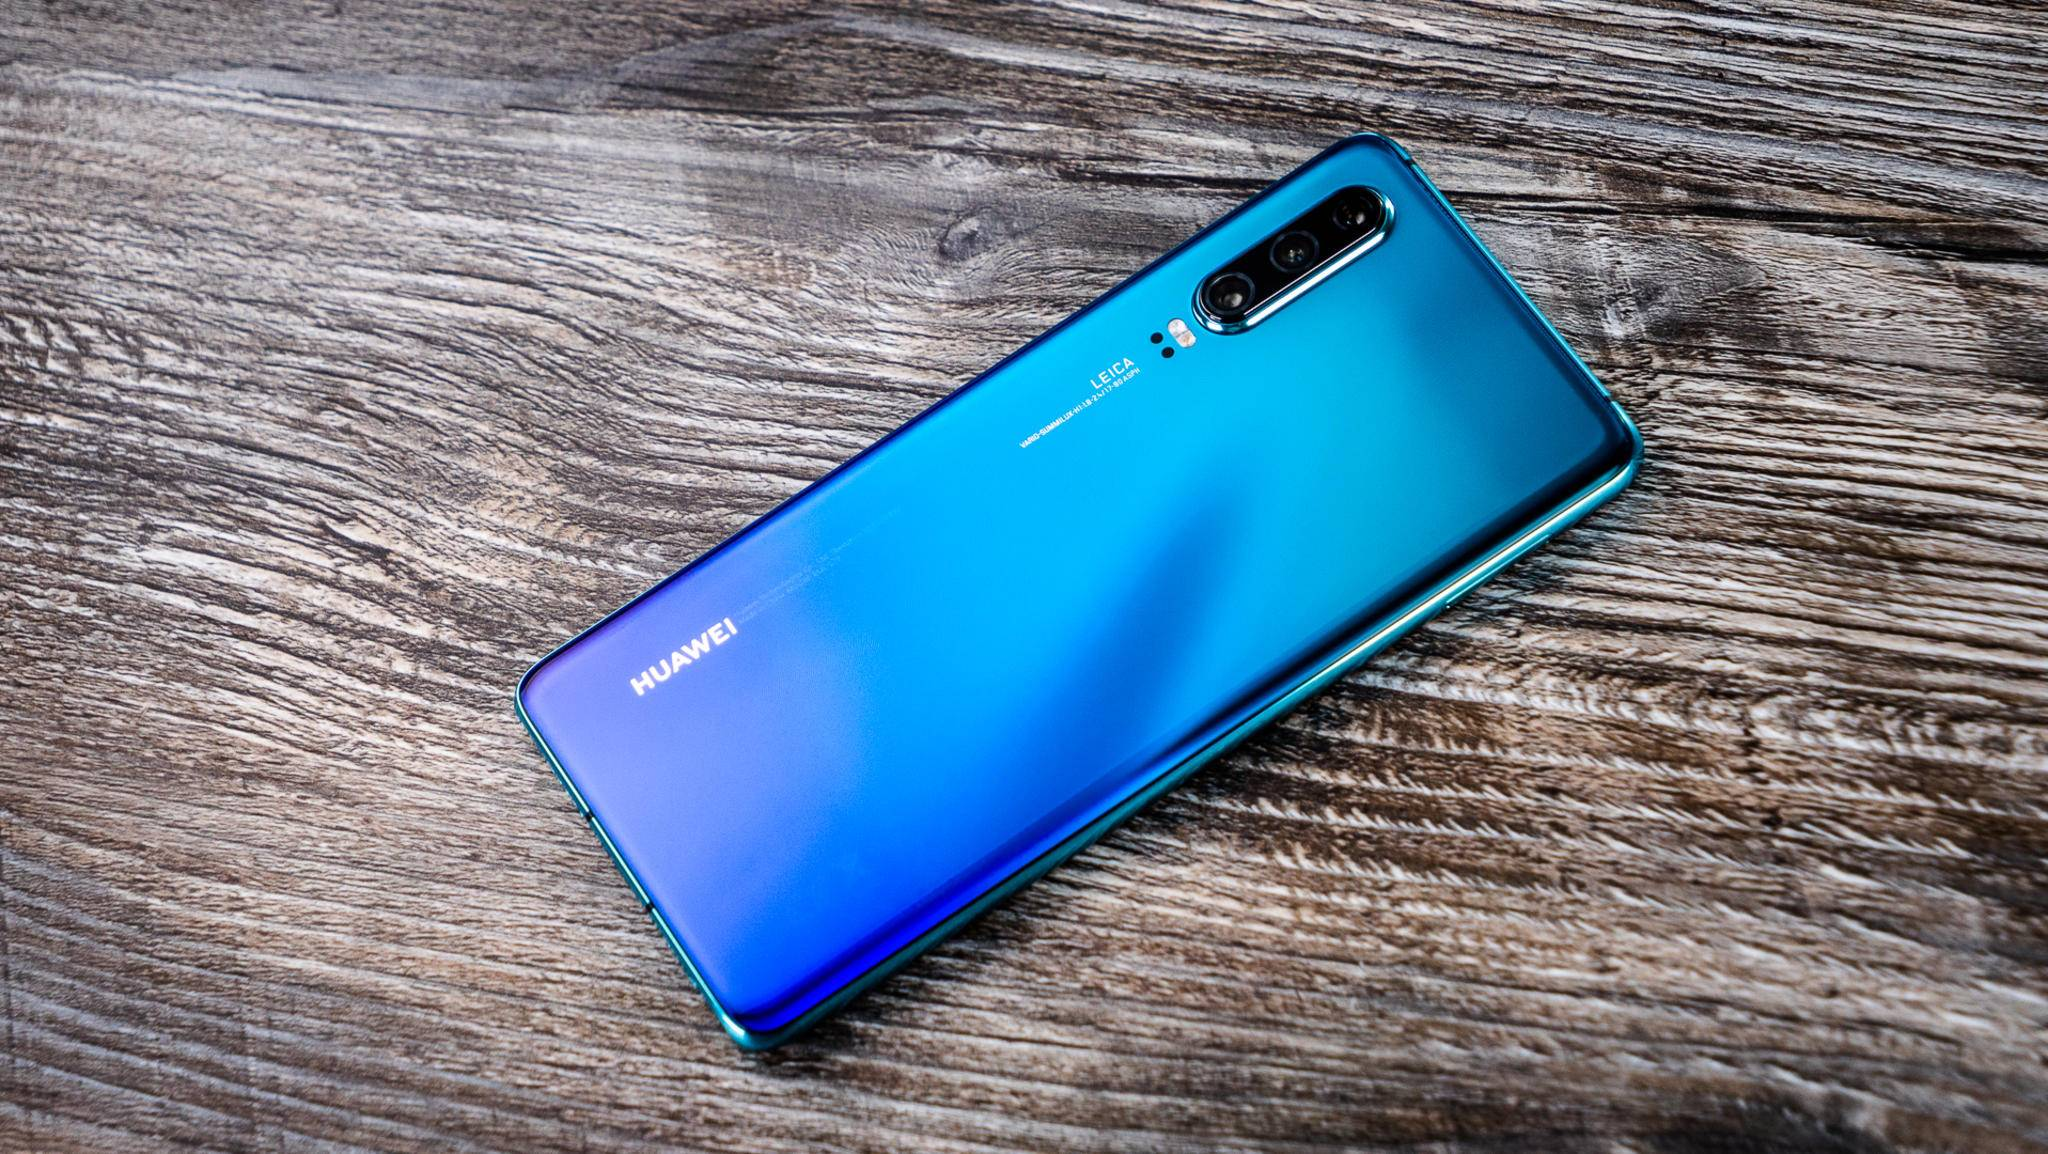 Welches OS kommt auf zukünftigen Huawei-Smartphones zum Einsatz?